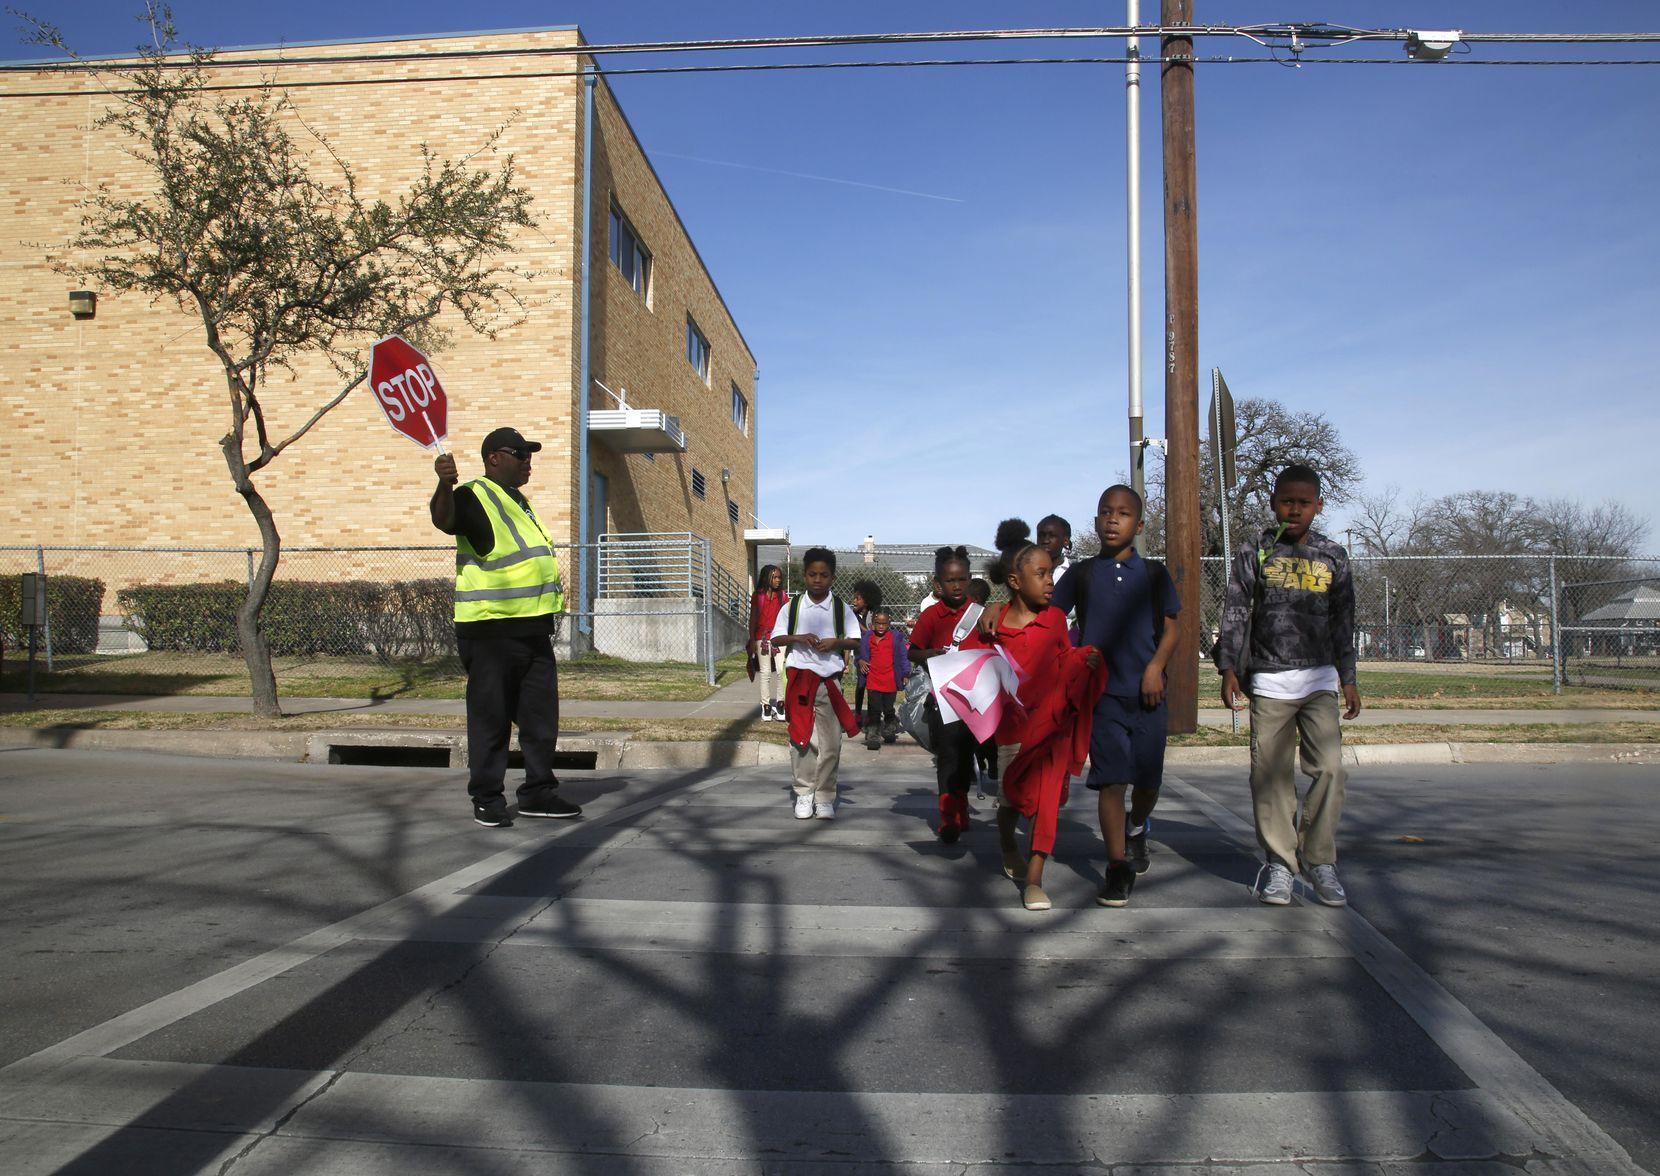 Un grupo de estudiantes cruza la calle en las afueras de la escuela J. W. Ray Learning Center, que podría cerrar por su bajo desempeño. DMN